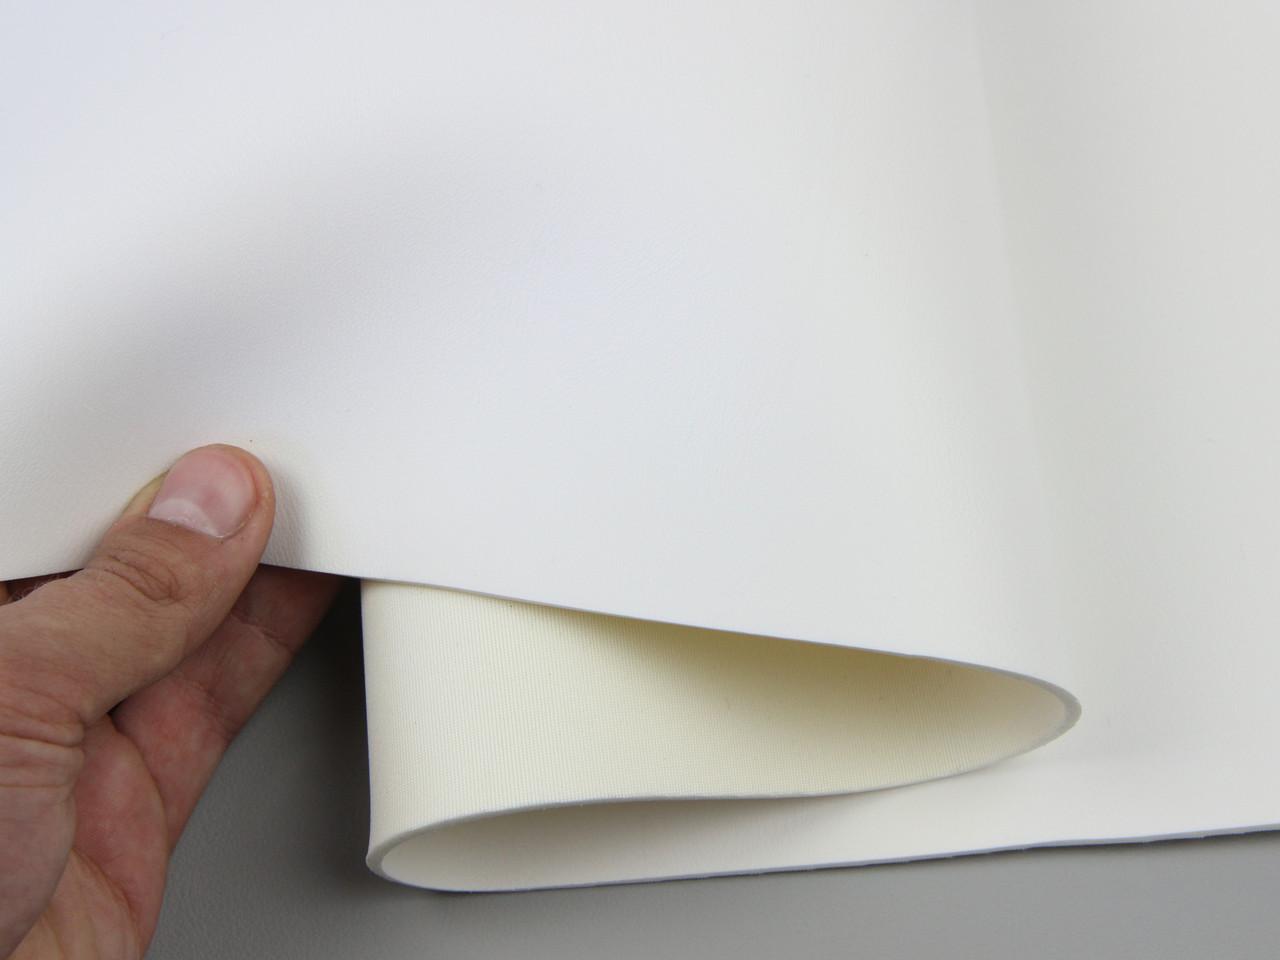 Термовинил tk-11 белый, гладкий (отрез 30х140см) для перетяжки руля, дверных карт, стоек на каучуковой основе